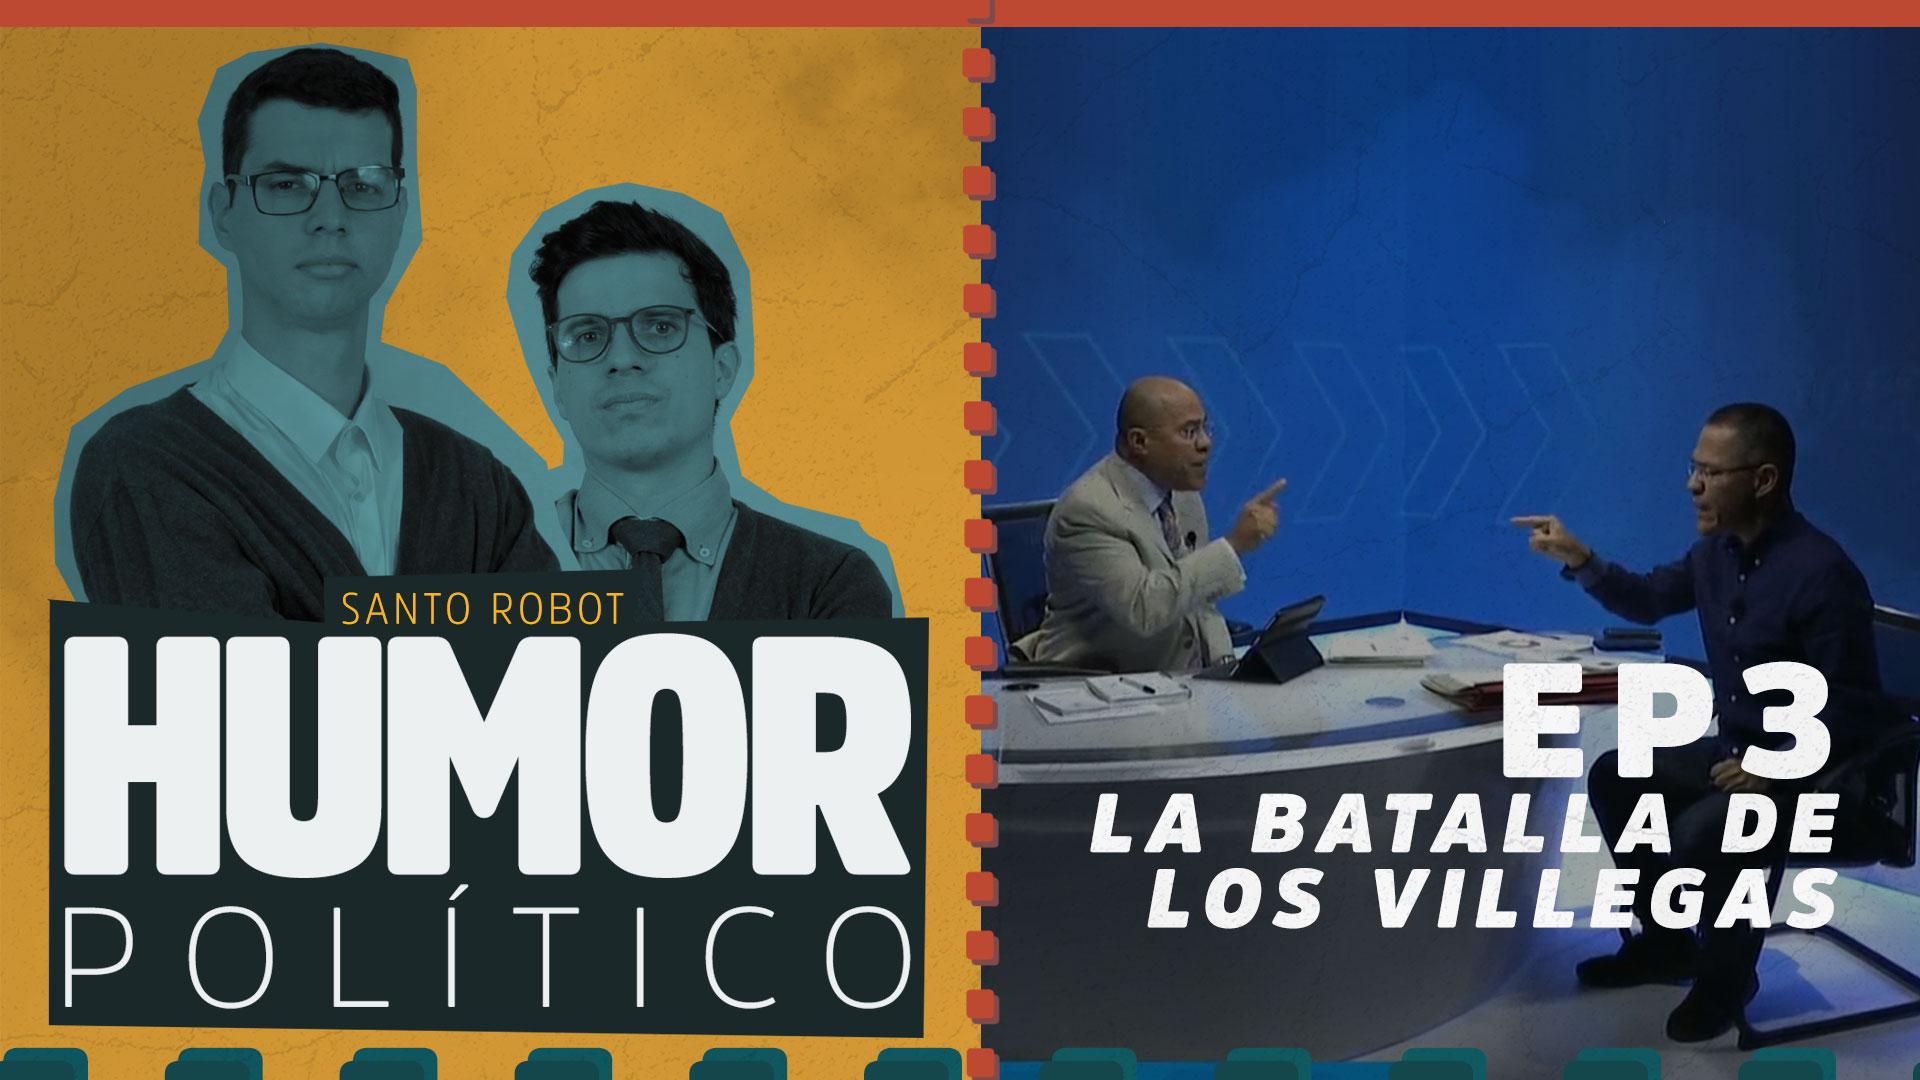 La Batalla de los Villegas - Humor Político